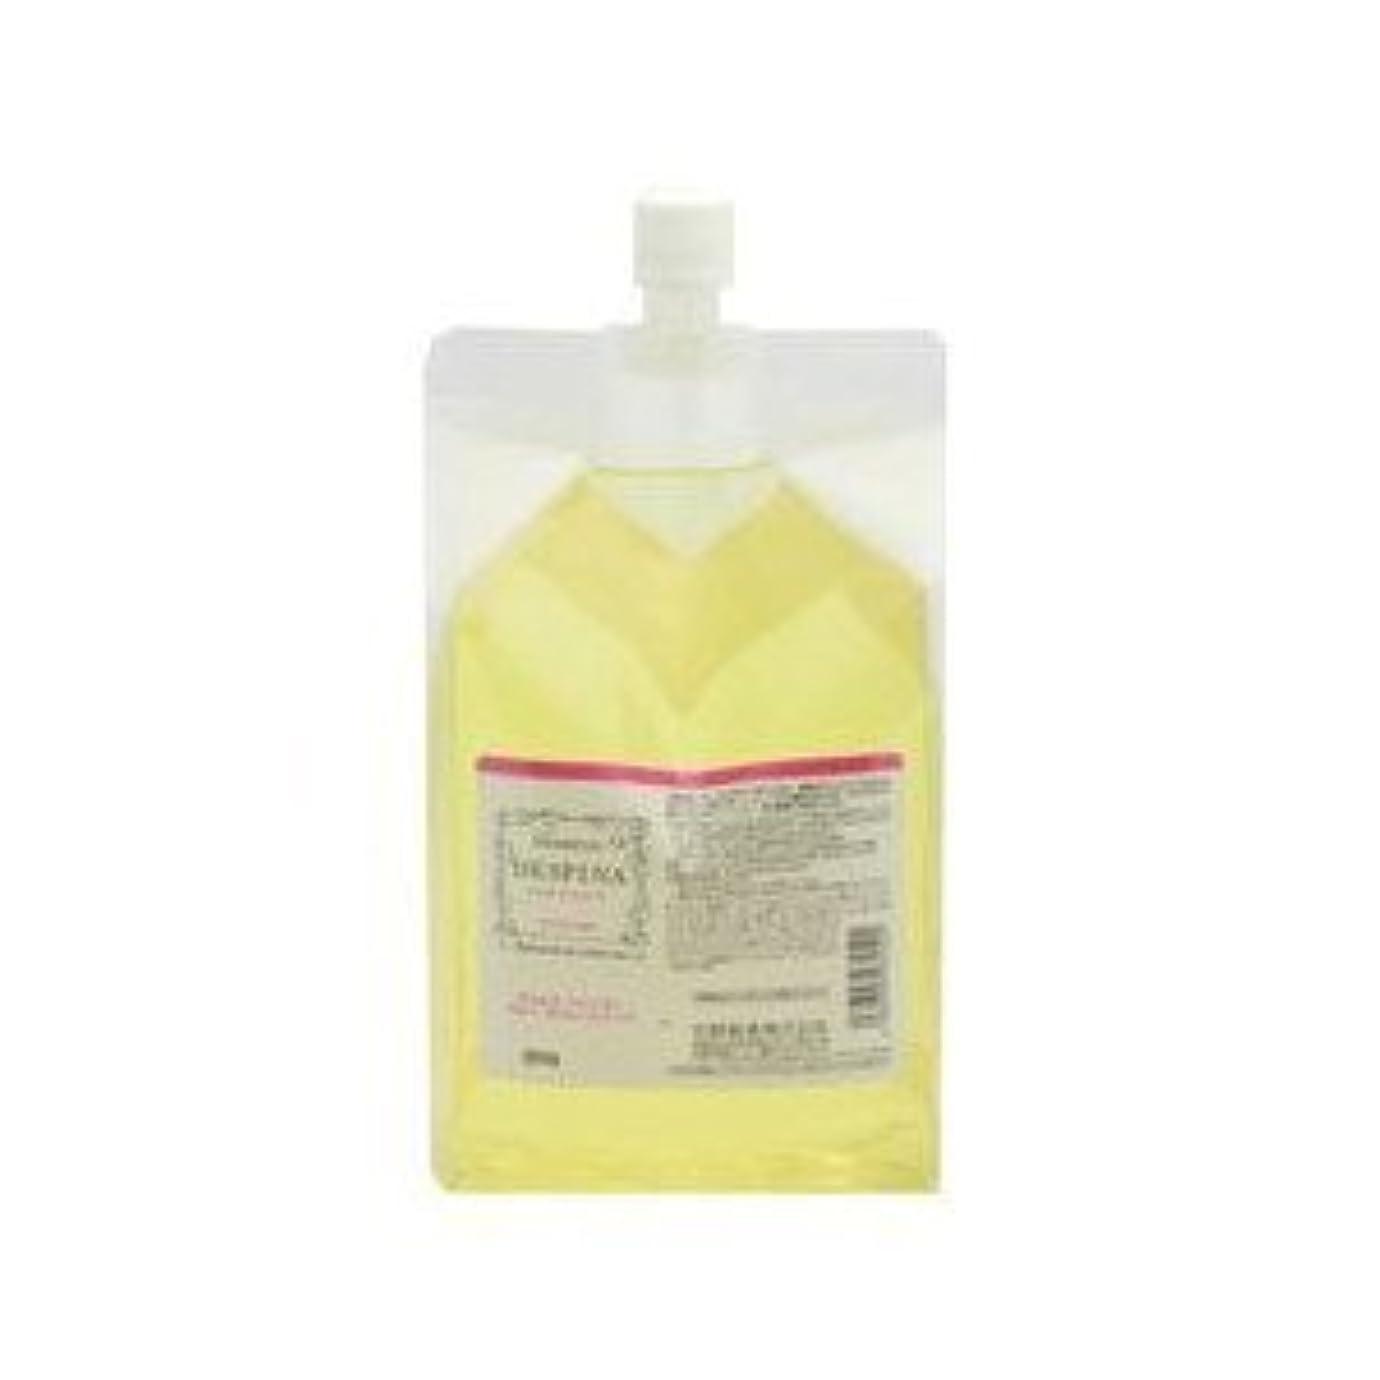 散る名義でコンパイル中野製薬 デスピナ シャンプー カラー ボリュームアップ 1500ml